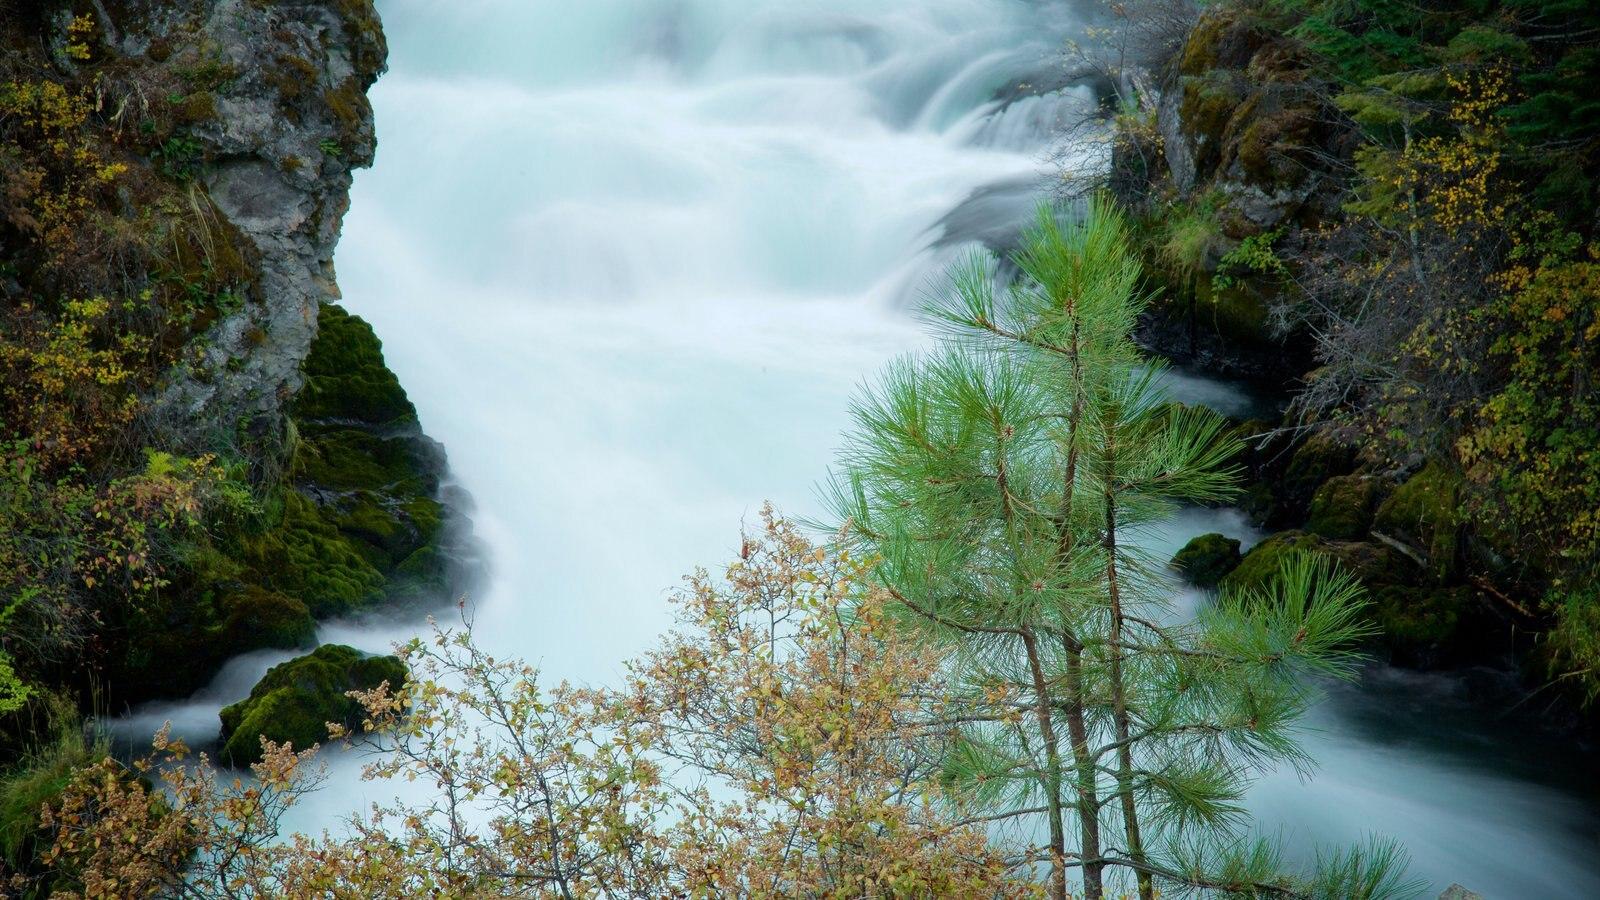 Deschutes National Forest ofreciendo escenas forestales y rápidos